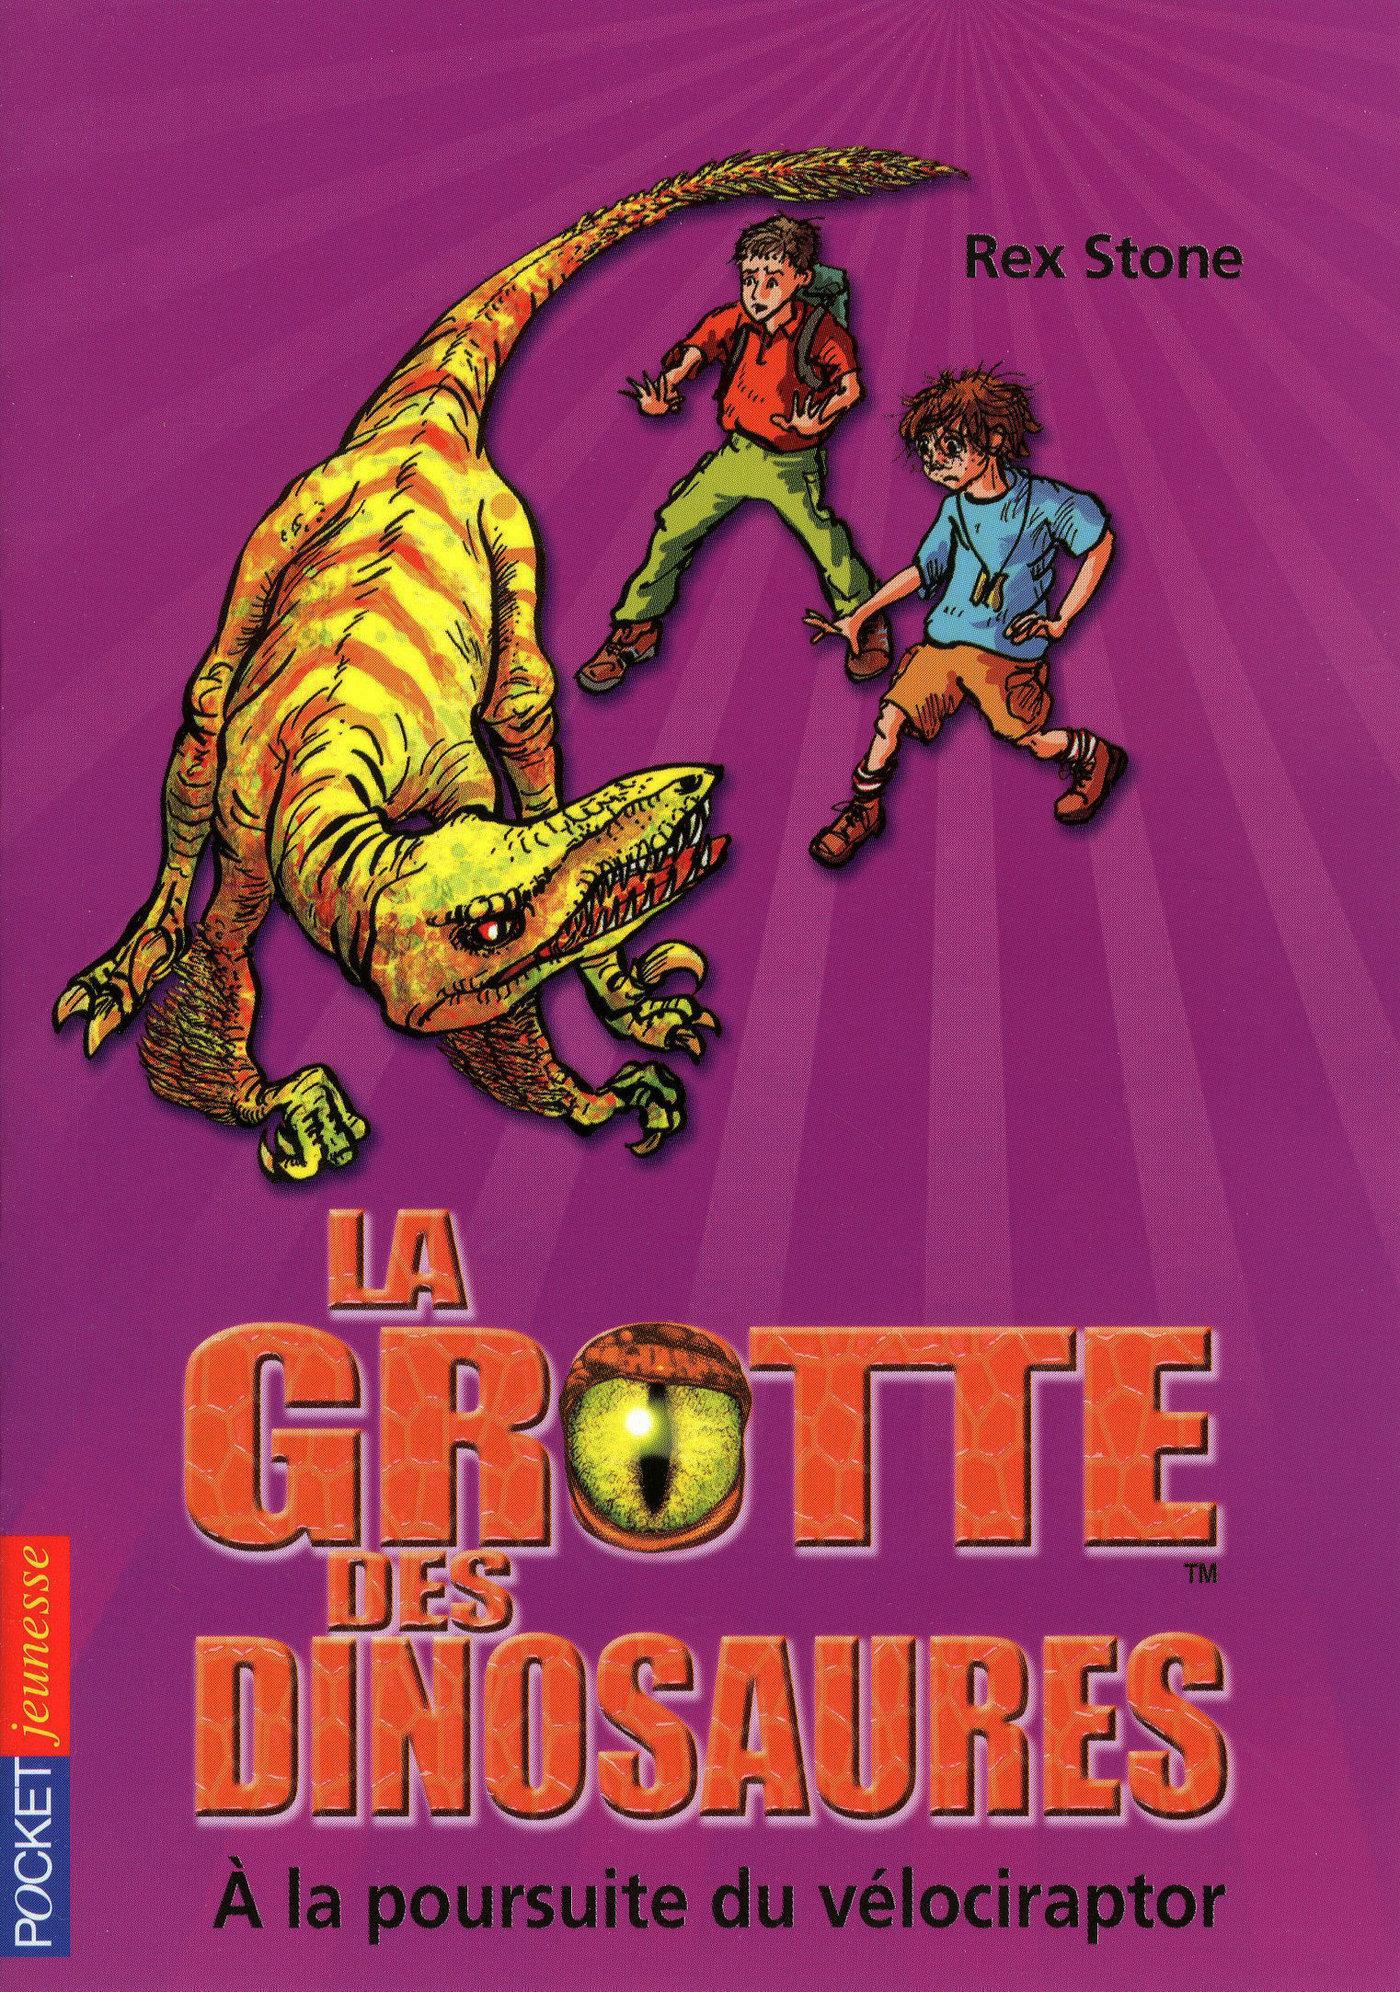 La grotte des dinosaures tome 5, A LA POURSUITE DU VÉLOCIRAPTOR